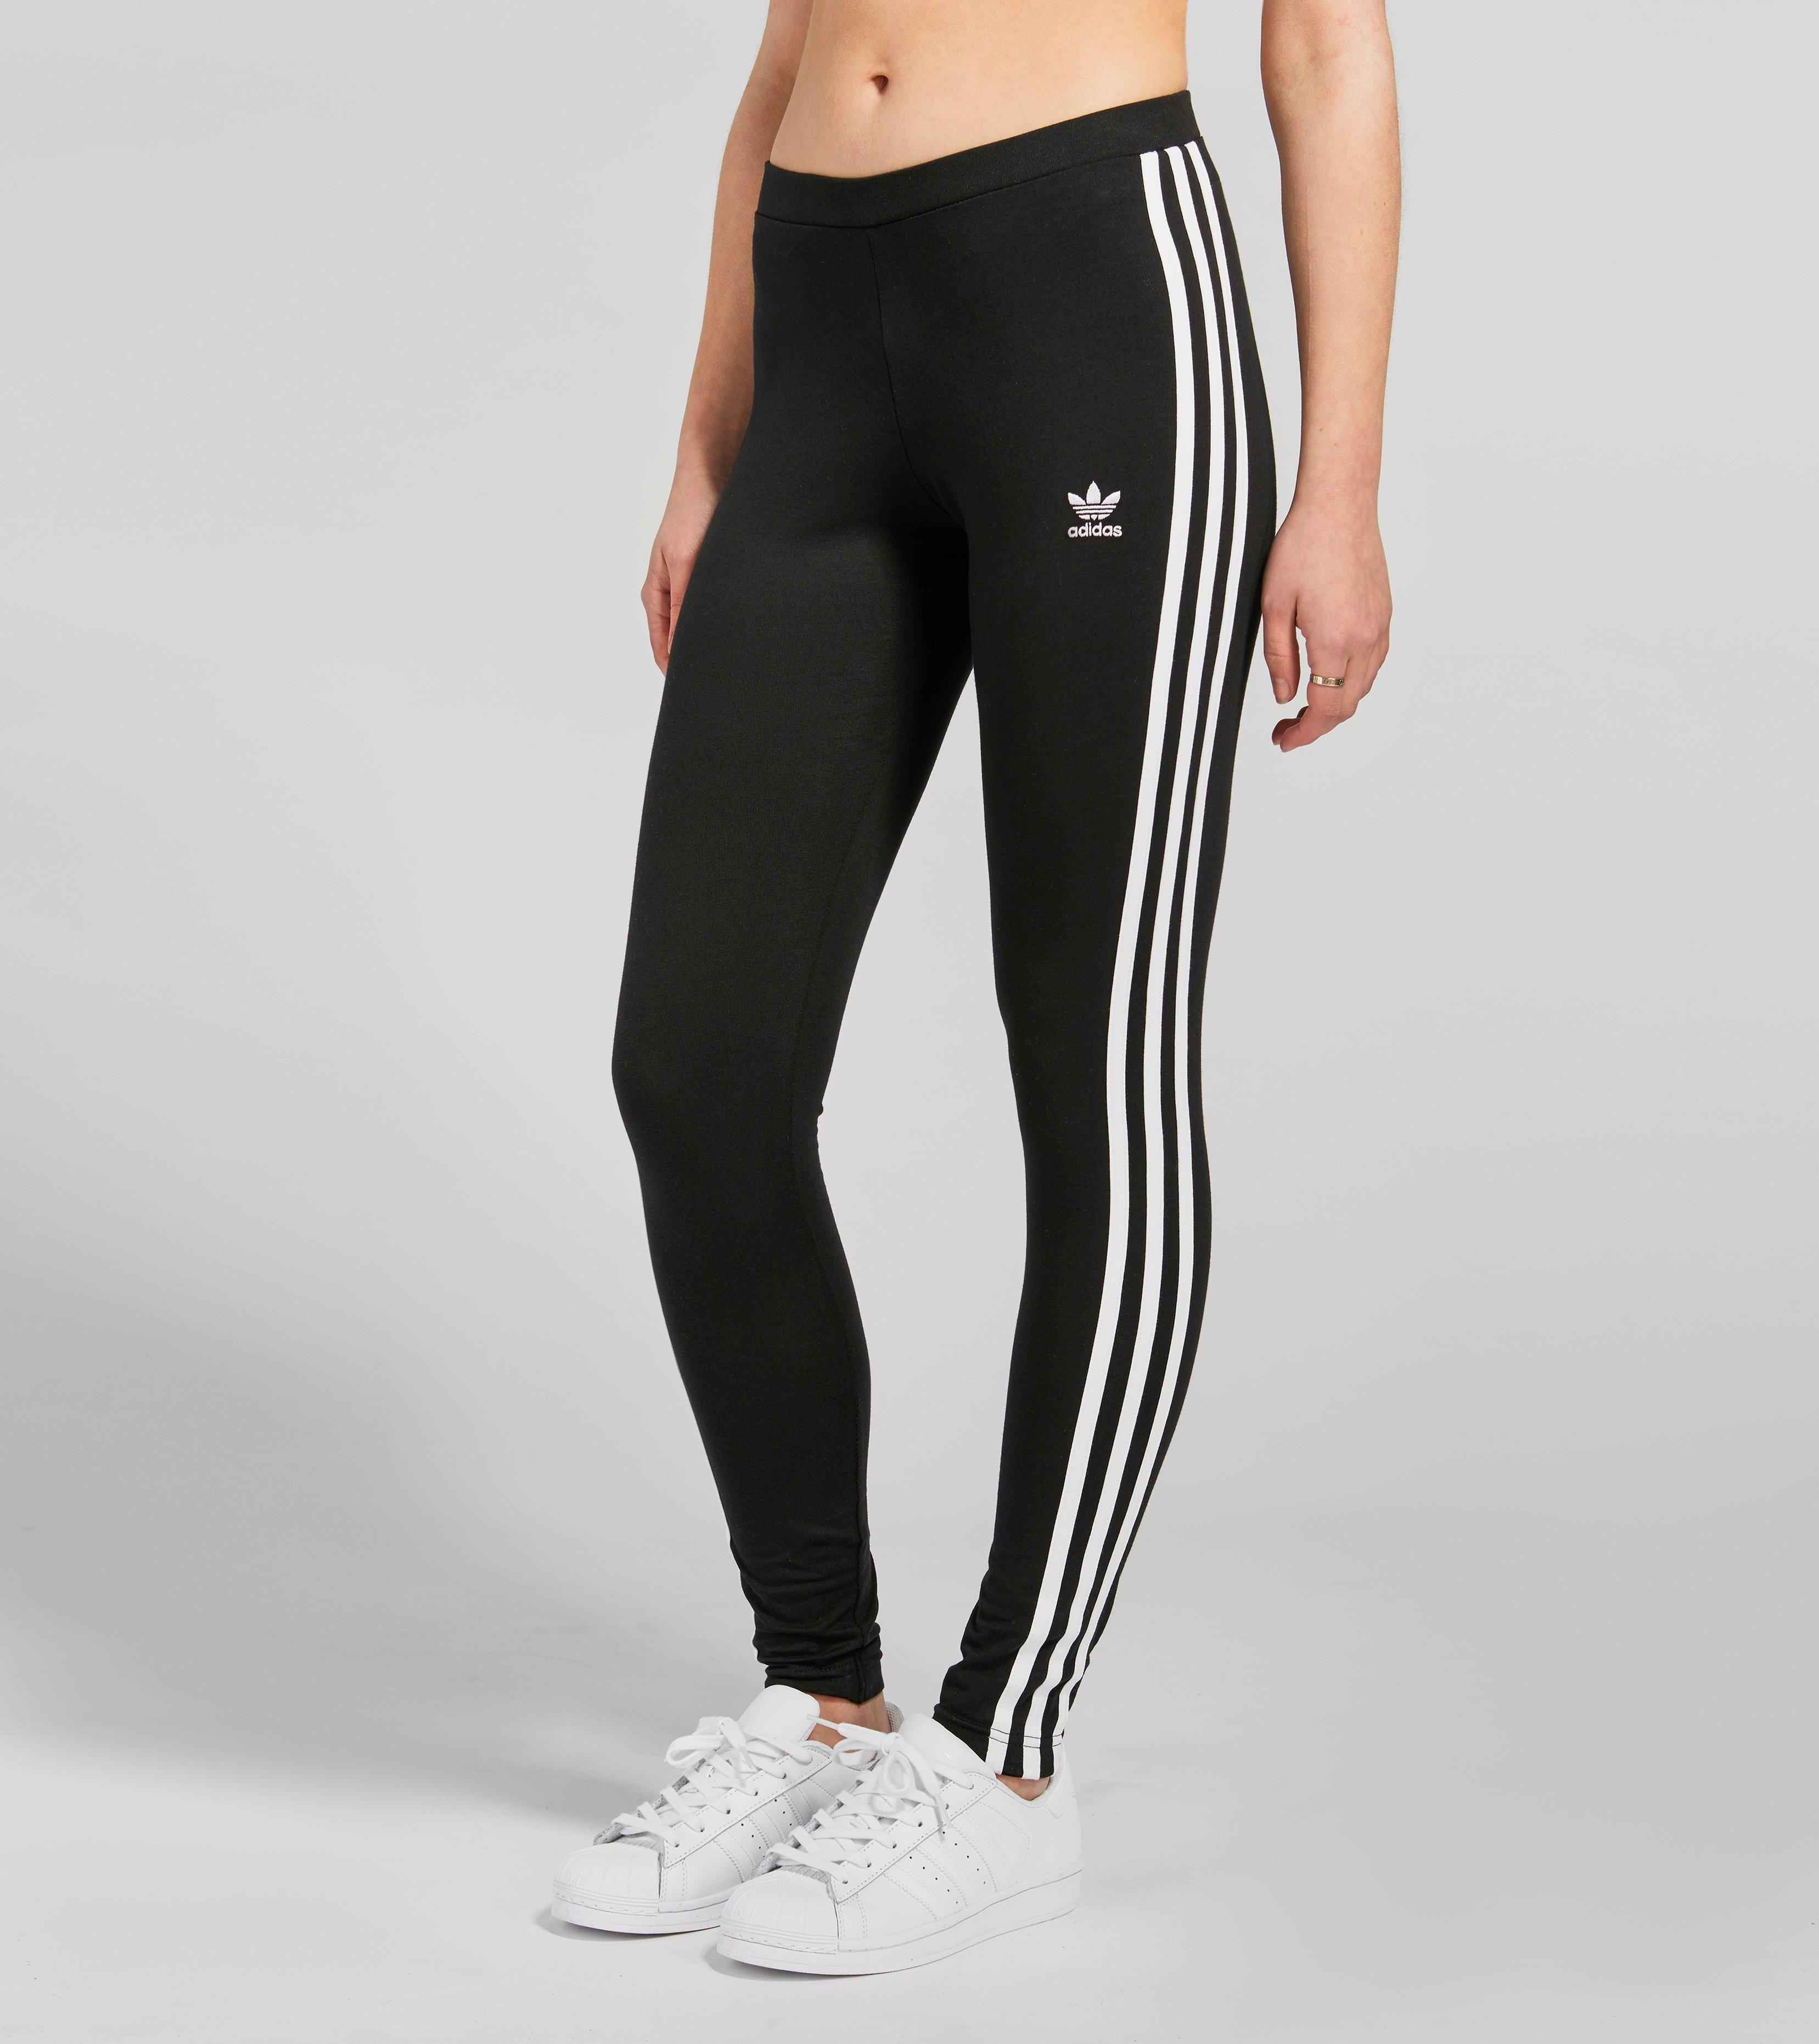 adidas Originals 3 Stripes Leggings 2017